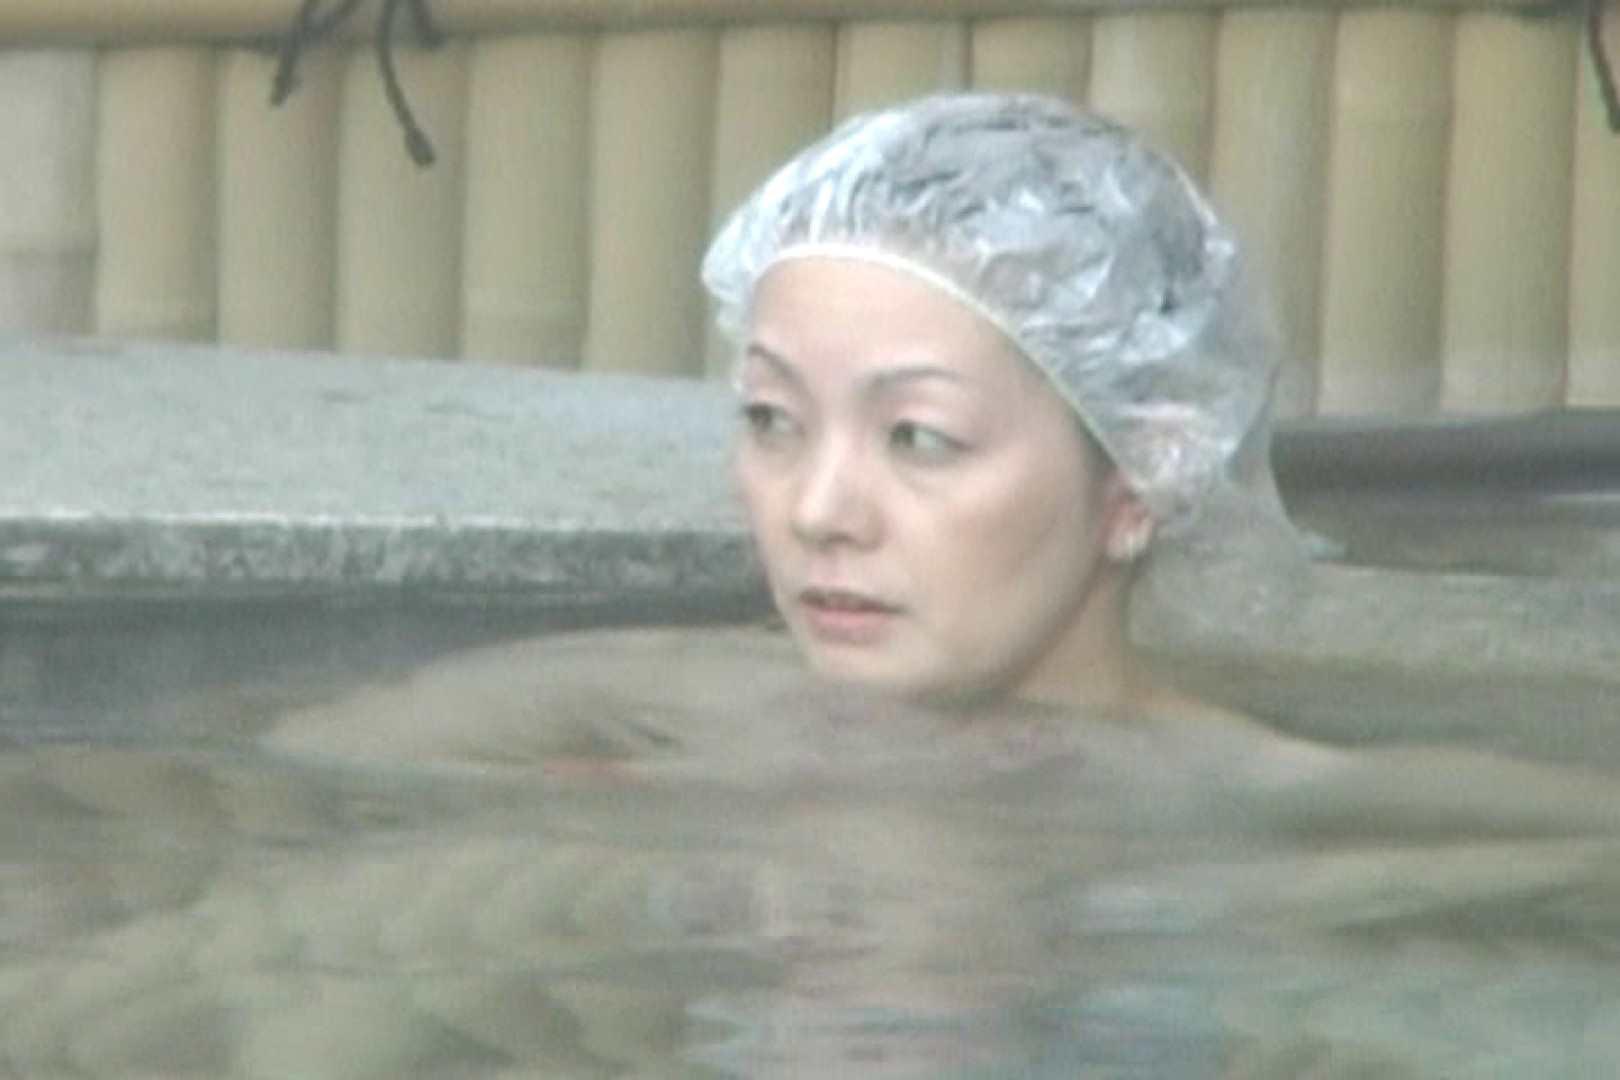 Aquaな露天風呂Vol.592 盗撮師作品 | 美しいOLの裸体  91pic 43